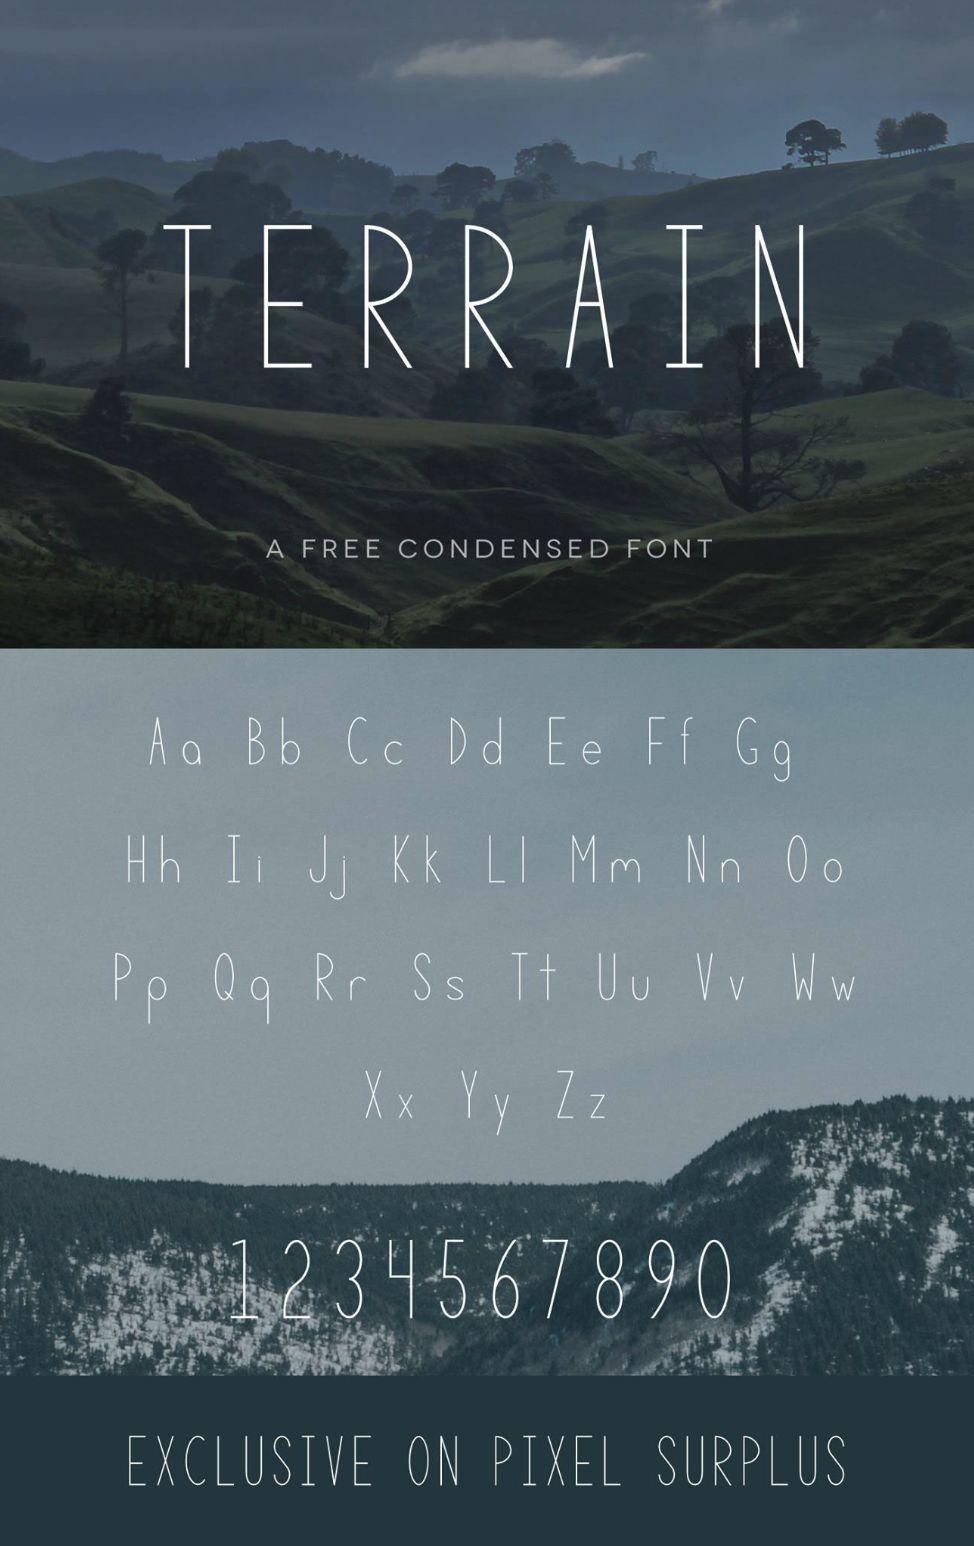 TERRAIN - FREE FONT on Behance